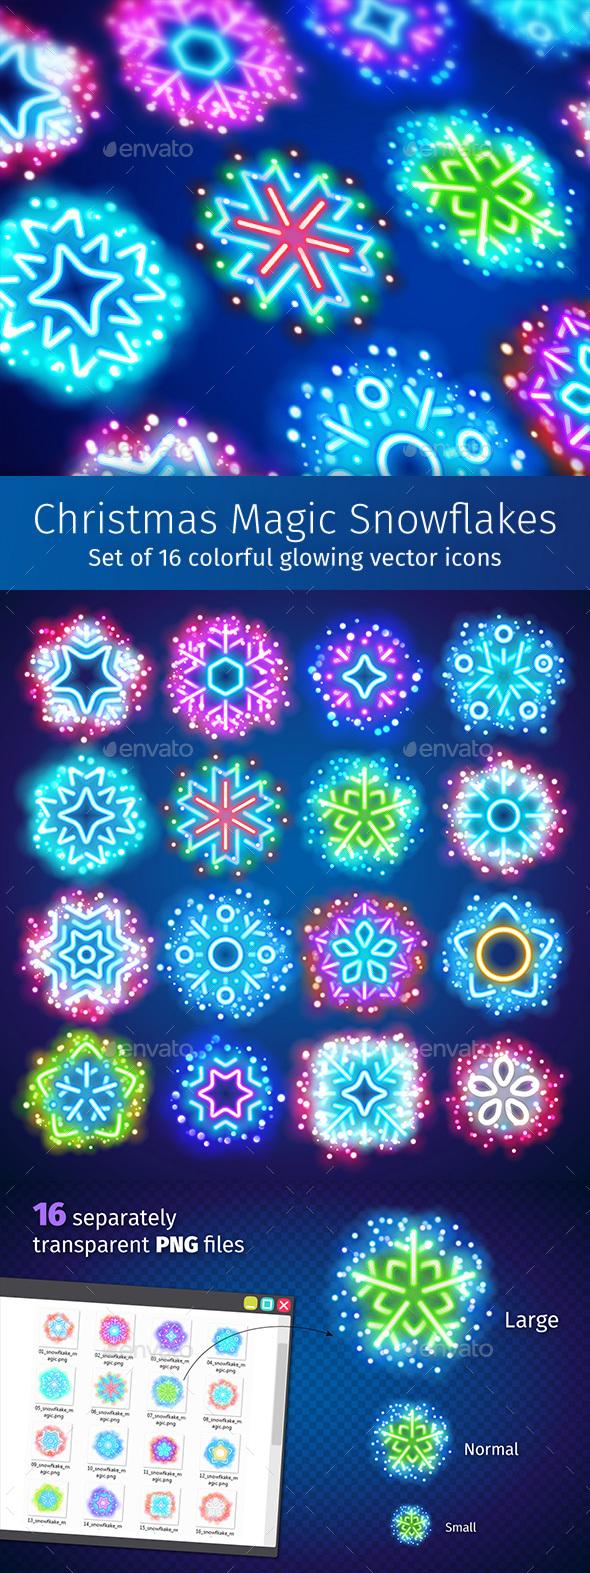 Christmas Neon Snowflakes with Magic Sparkles - Seasonal Icons